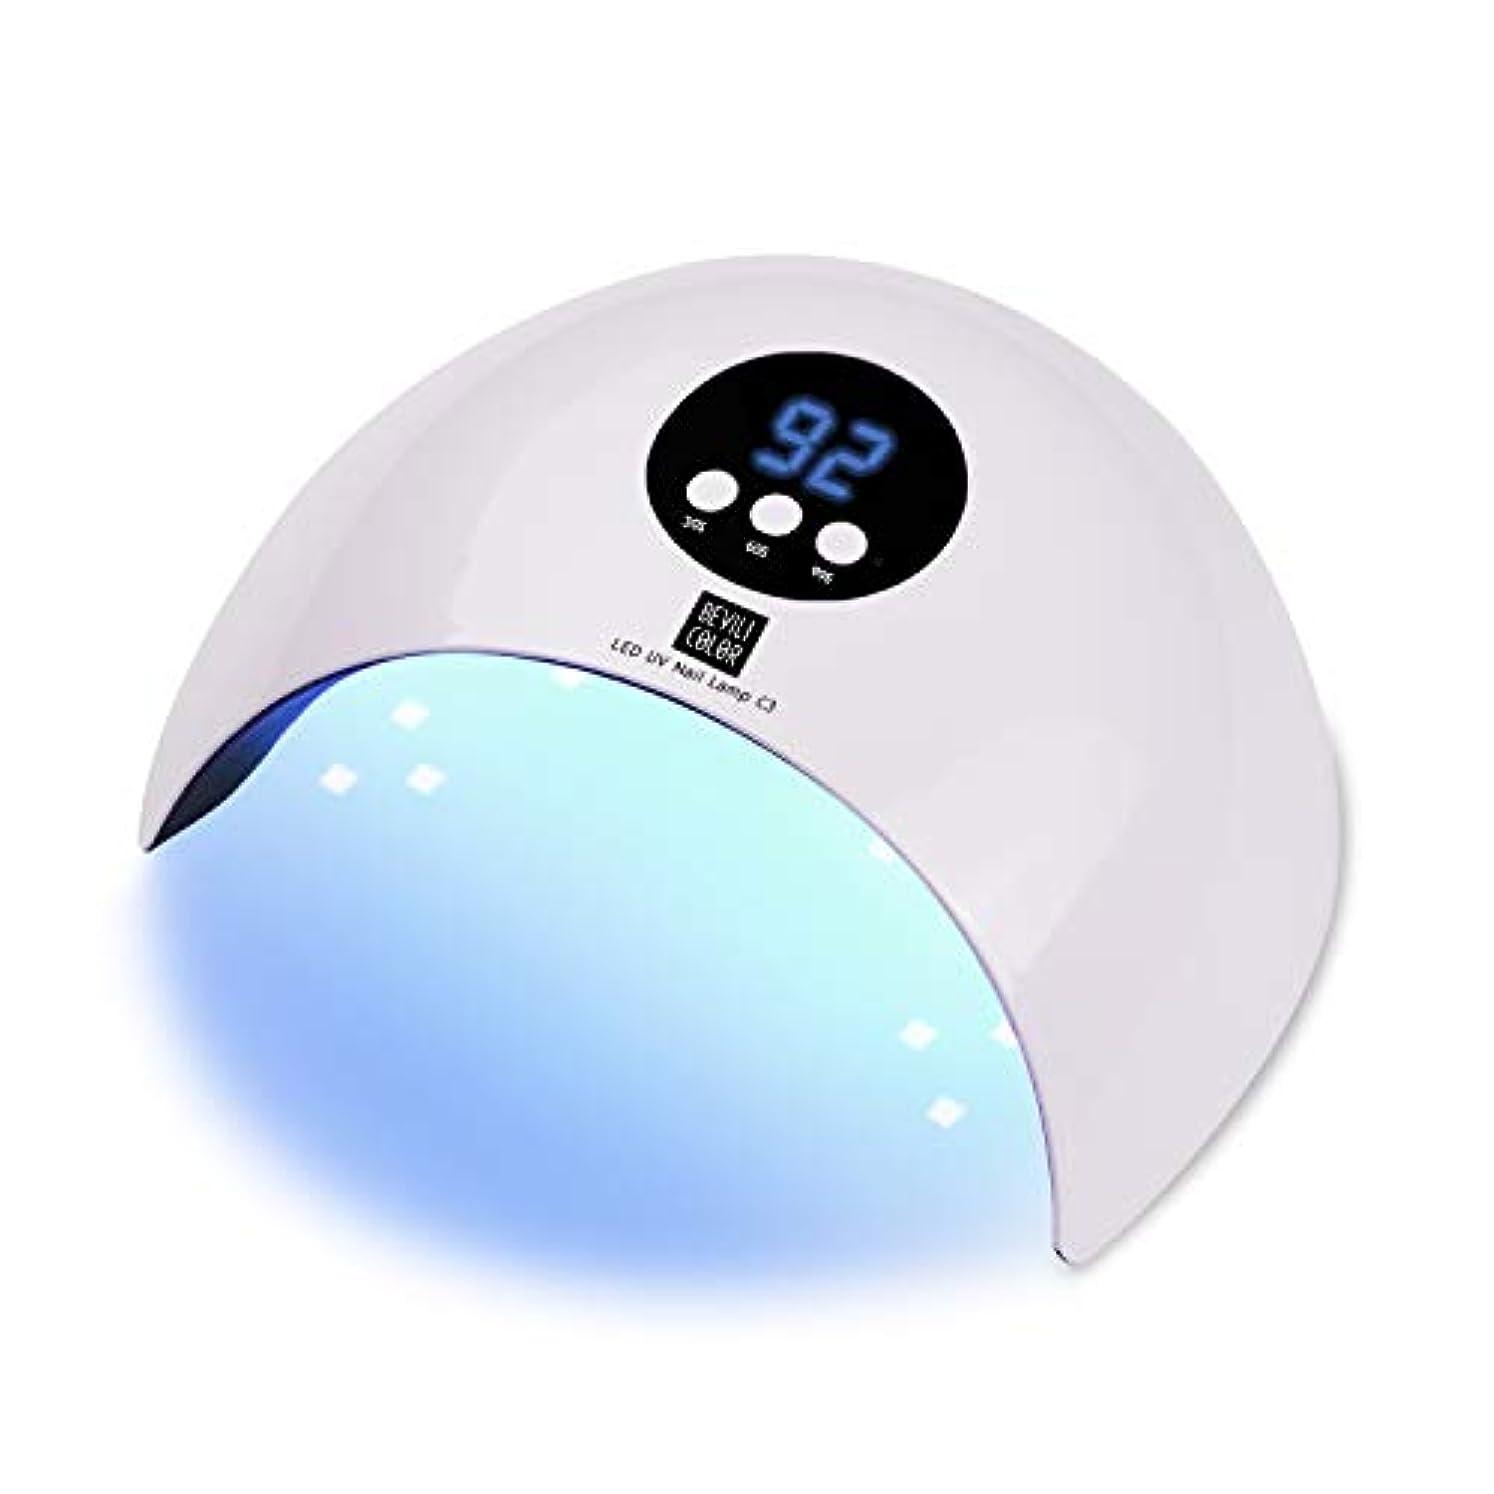 亡命人ドライ硬化ライト UVライト ネイルドライヤー LED硬化ライト 自動センサー付き 3段階タイマー設定 36w高速硬化ジェルネイルライト ジェルネイル用 液晶ディスプレー (ホワイト)